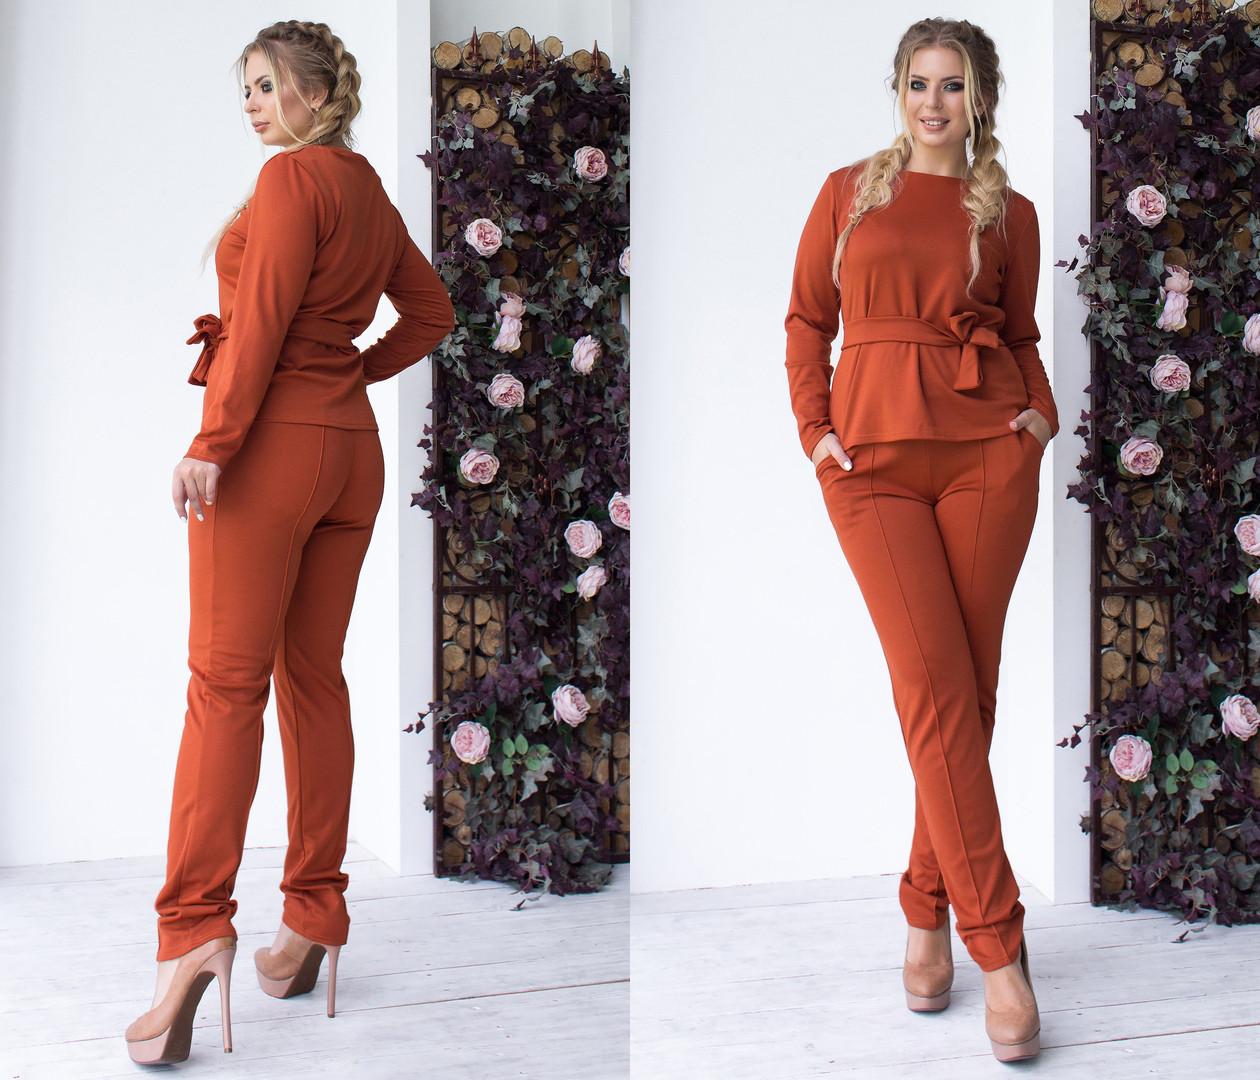 Женский трикотажный костюм больших размеров 48+  с поясом, на штанах стрелки / 5 цветов  арт 6368-93